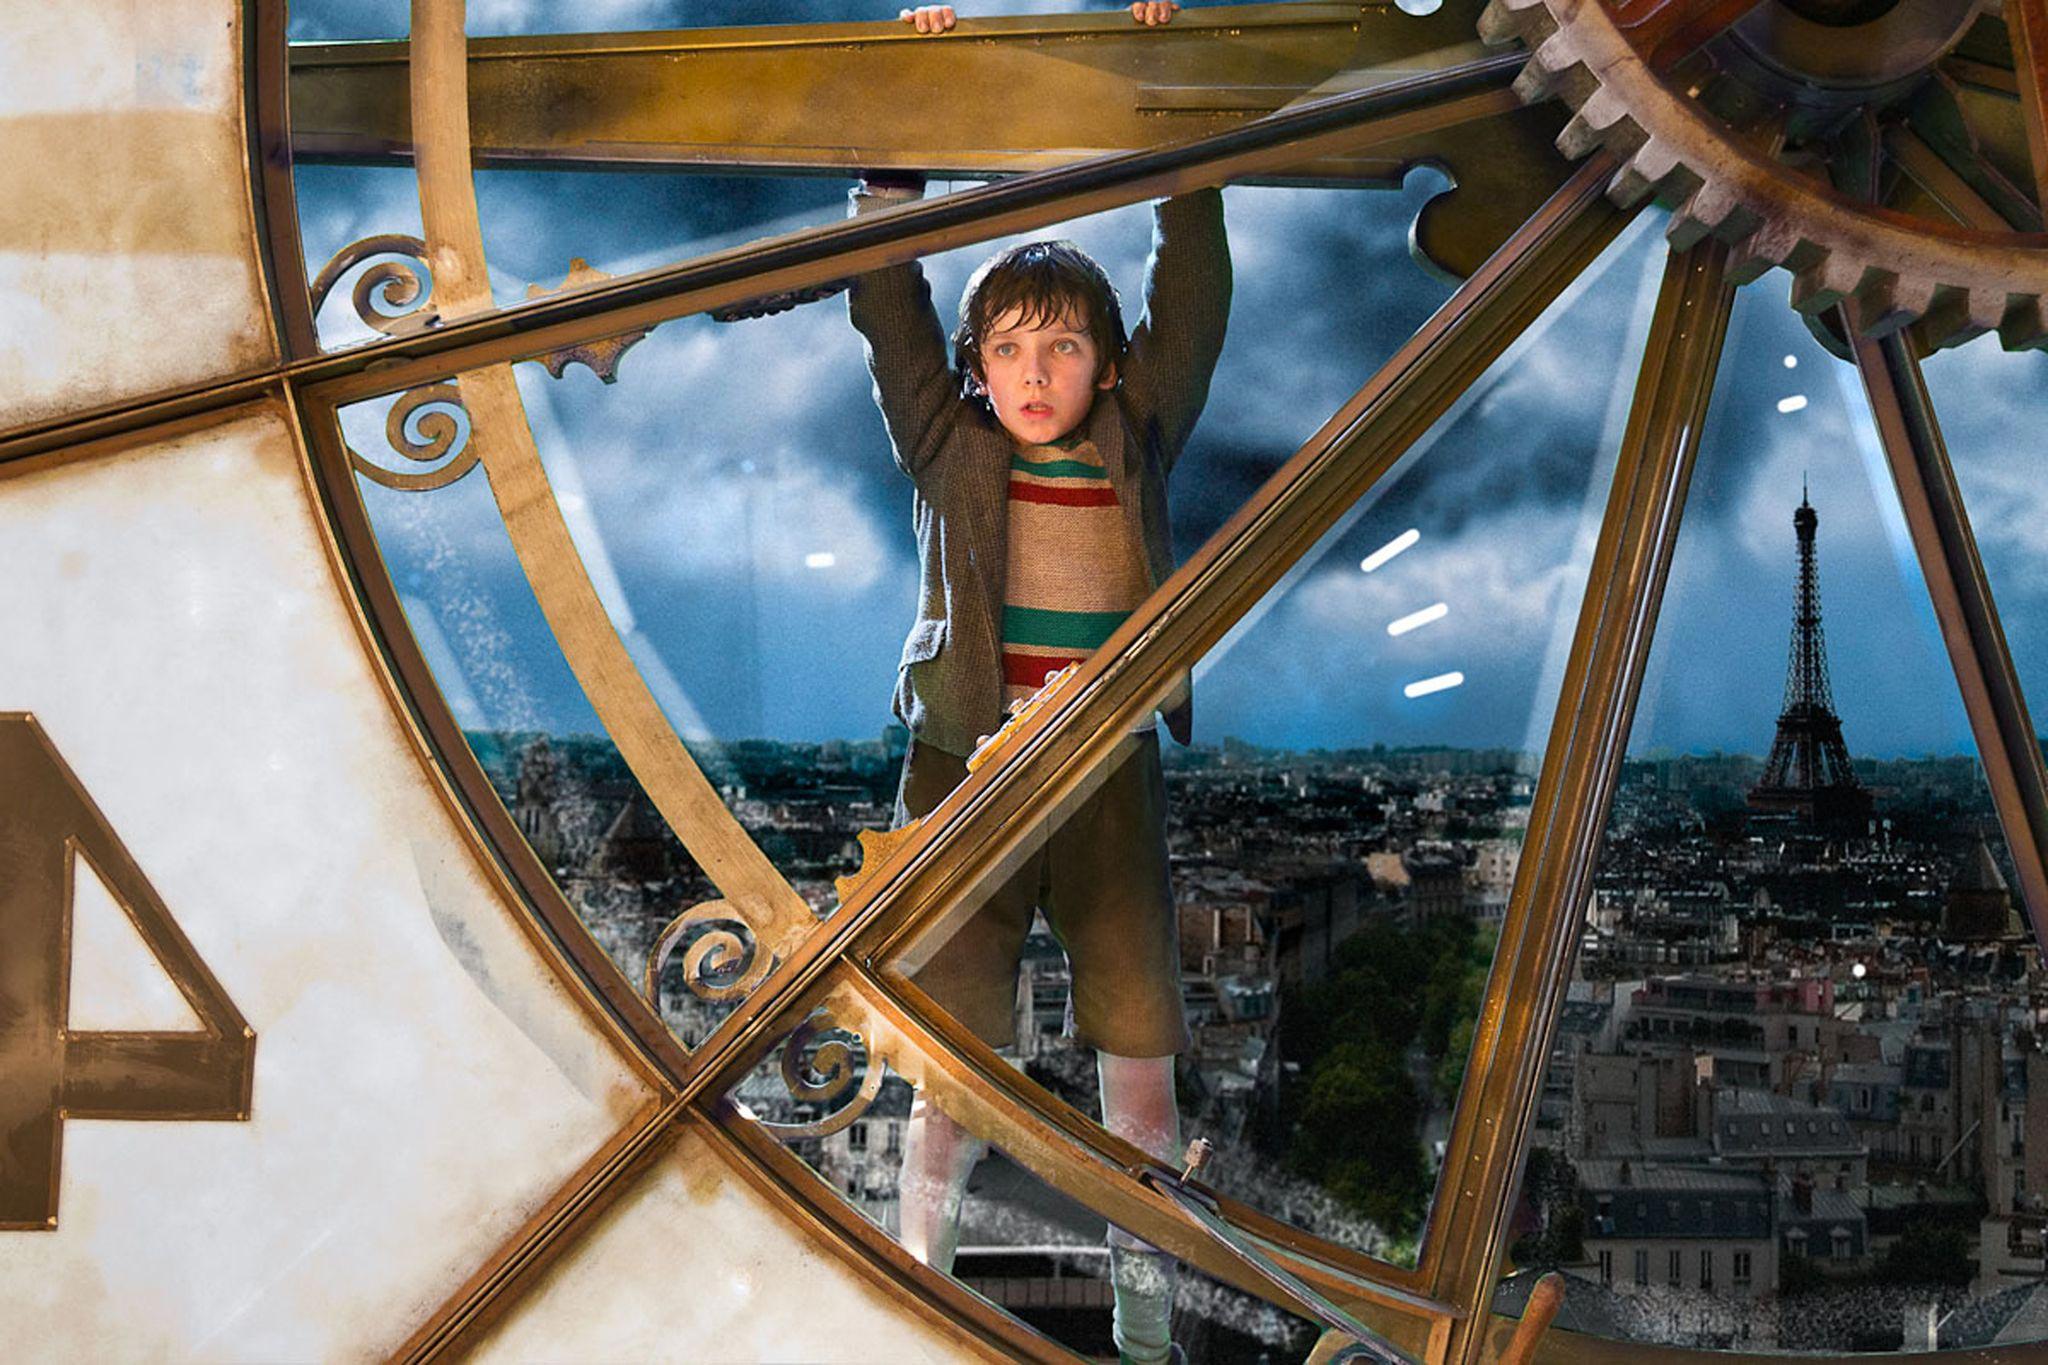 Hugo-Cabret-nuovo-trailer-italiano-per-lavventura-fantasy-di-Scorsese